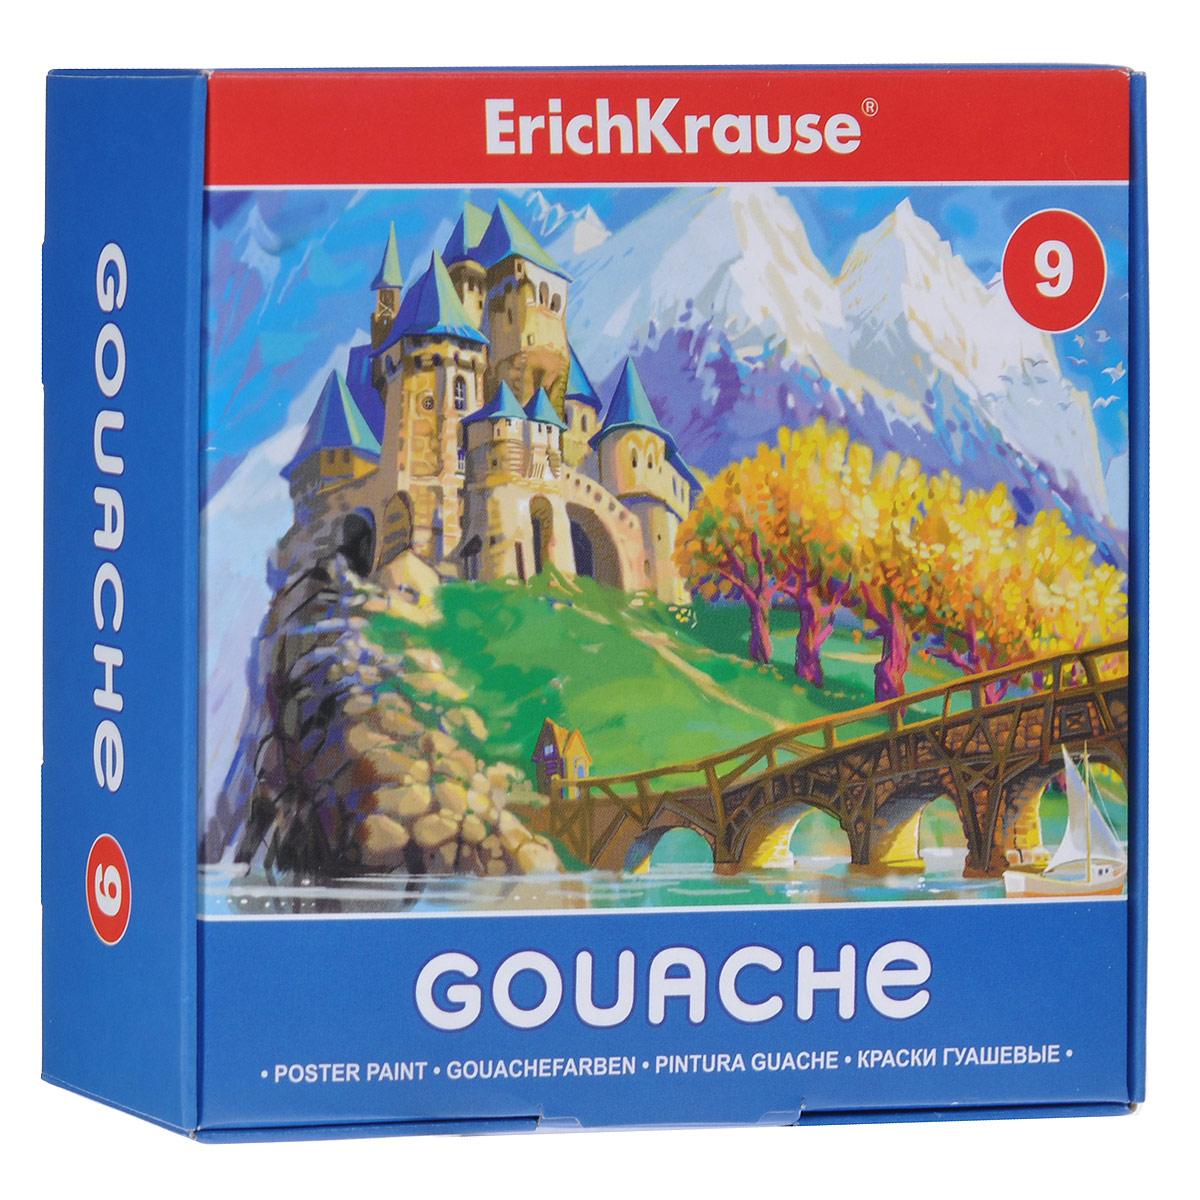 Гуашь Erich Krause, 9 цветов35159Гуашь Erich Krause предназначена для декоративно-оформительских работ и творчества детей.В набор входят краски девяти цветов: белого, зеленого, оранжевого, красного, синего, коричневого, желтого, черного и лилового.Они легко наносятся на бумагу, картон и грунтованный холст. При высыхании приобретают матовую, бархатистую поверхность.